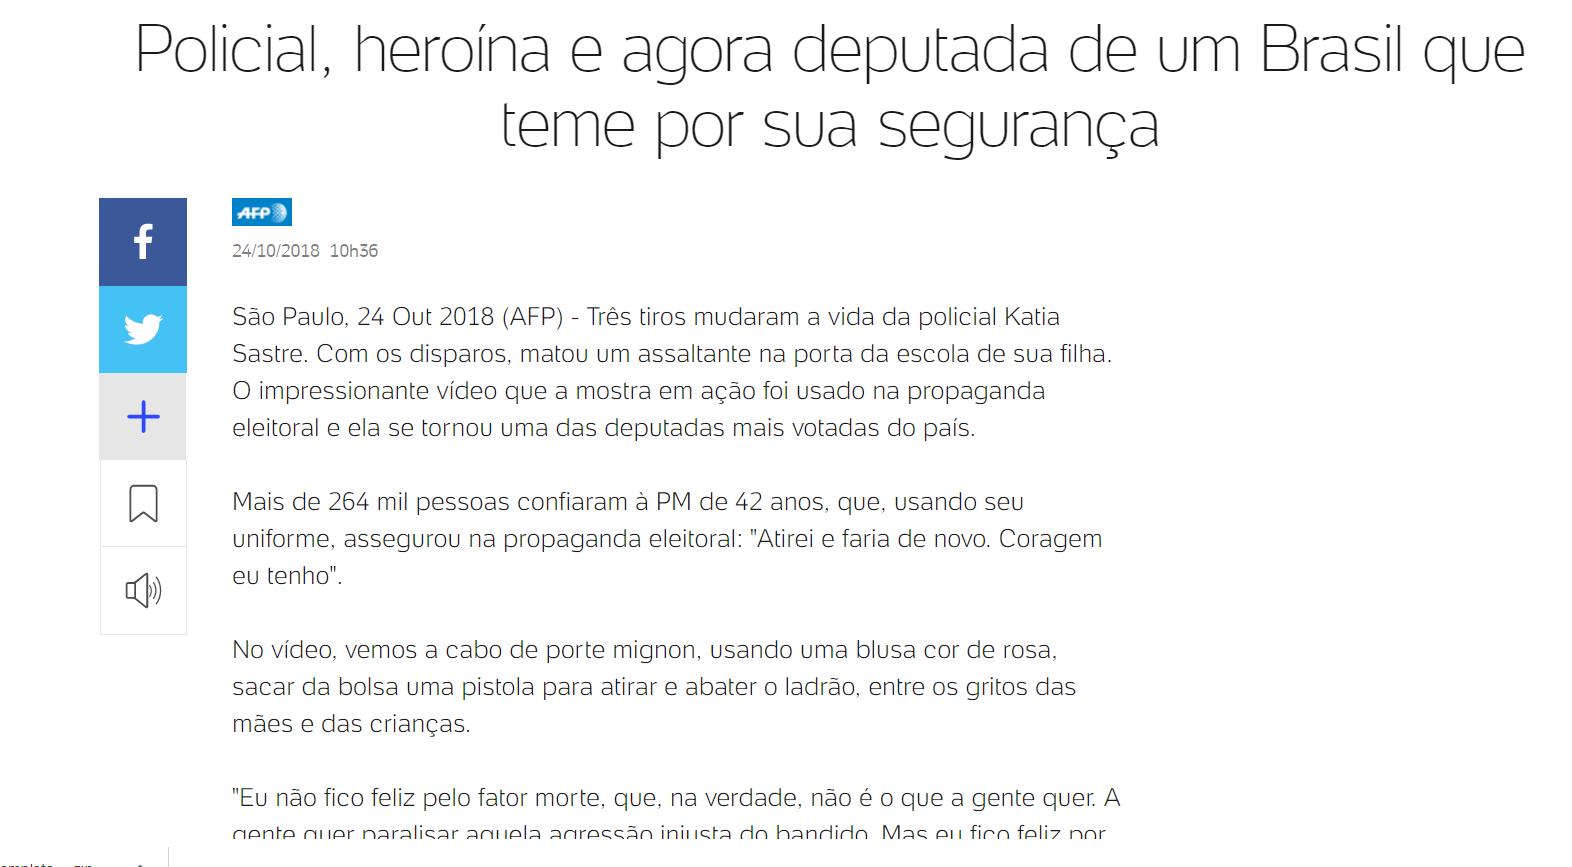 Policial, heroína e agora deputada de um Brasil que teme por sua segurança.